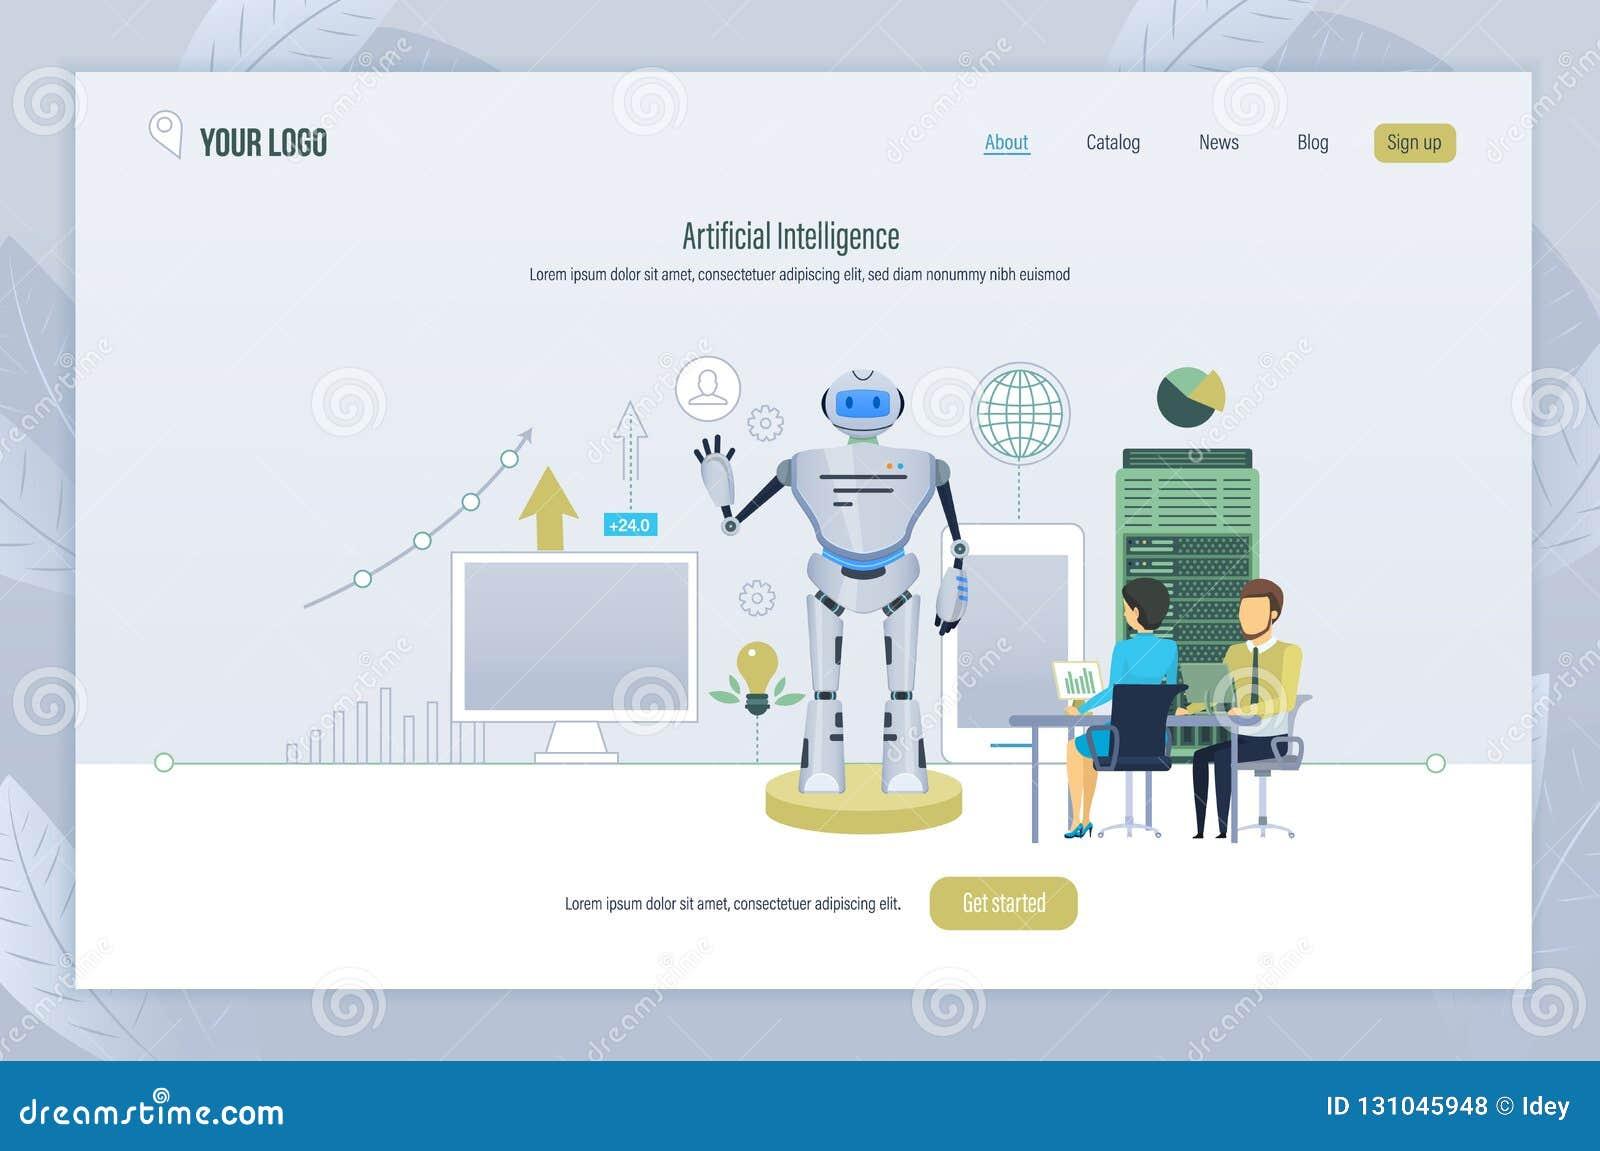 искусственный интеллект Творение, управление, испытывать робота, технология будущего